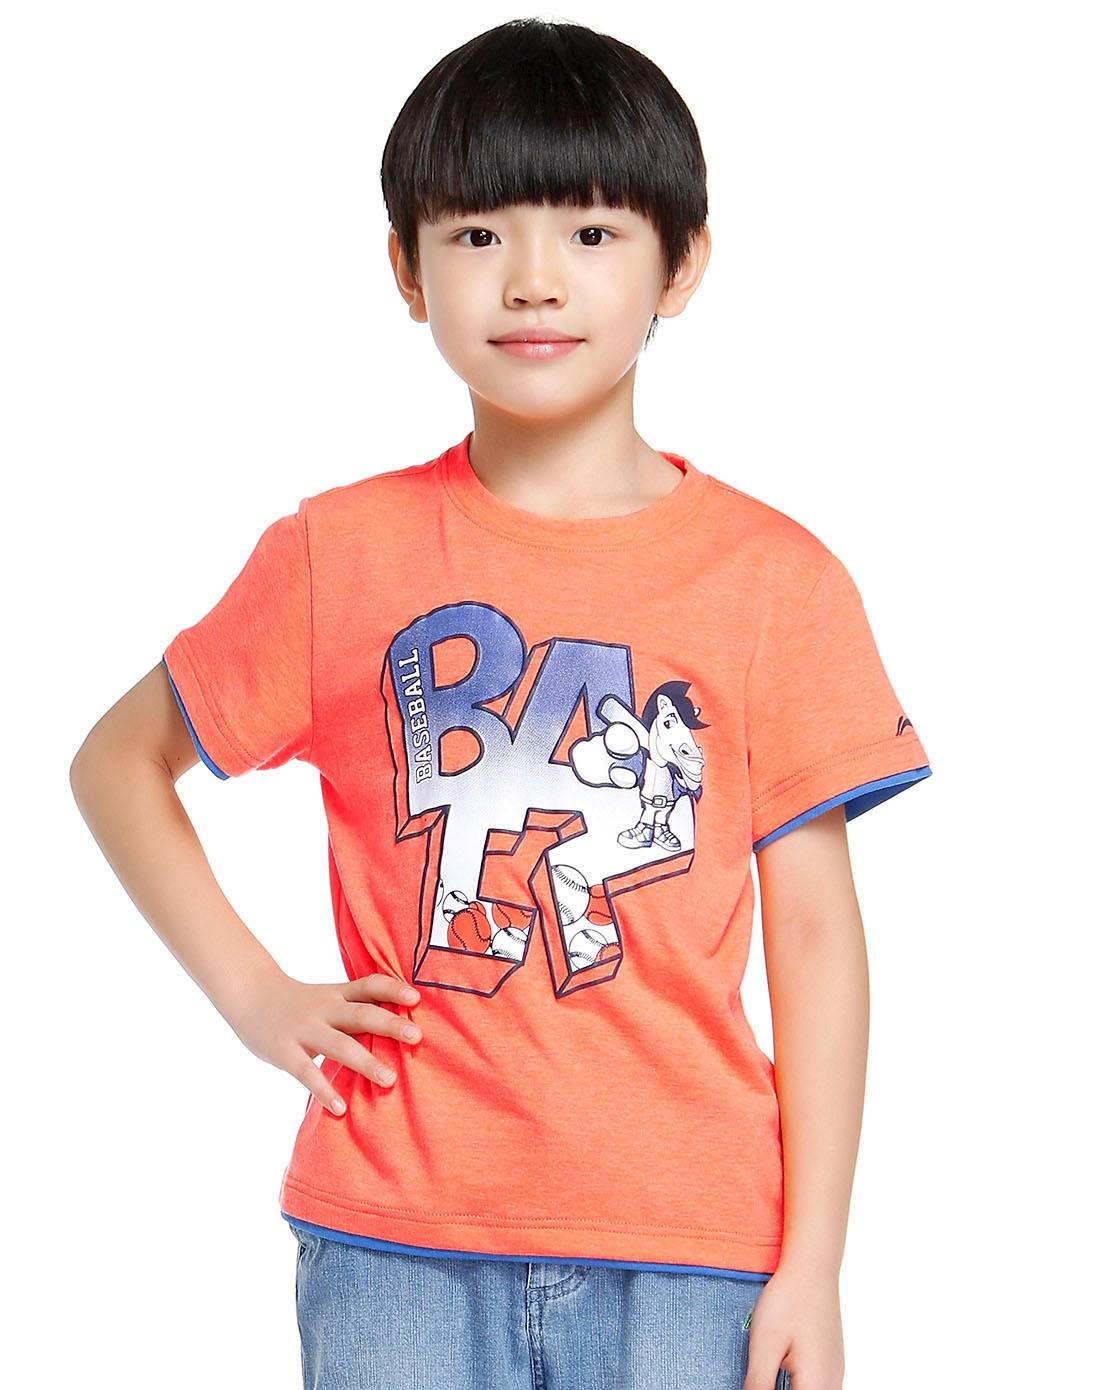 男童可爱图案荧光桔色短袖t恤